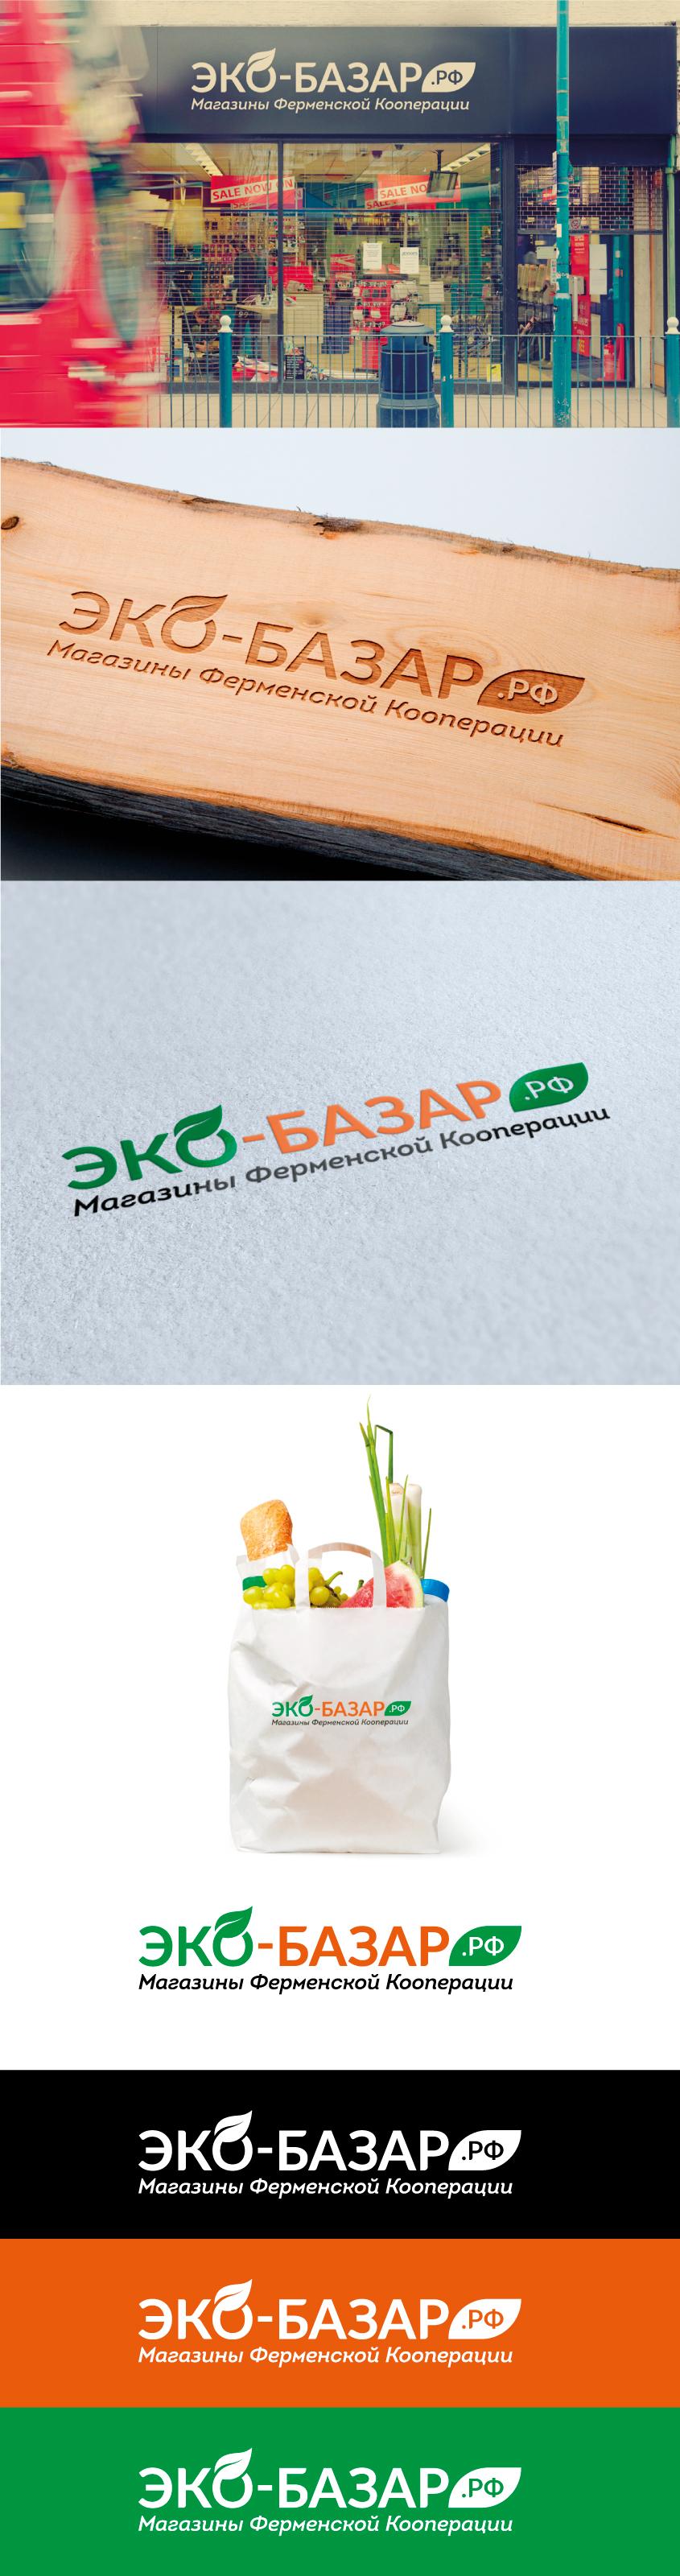 Логотип компании натуральных (фермерских) продуктов фото f_824593f30b95a8f0.jpg